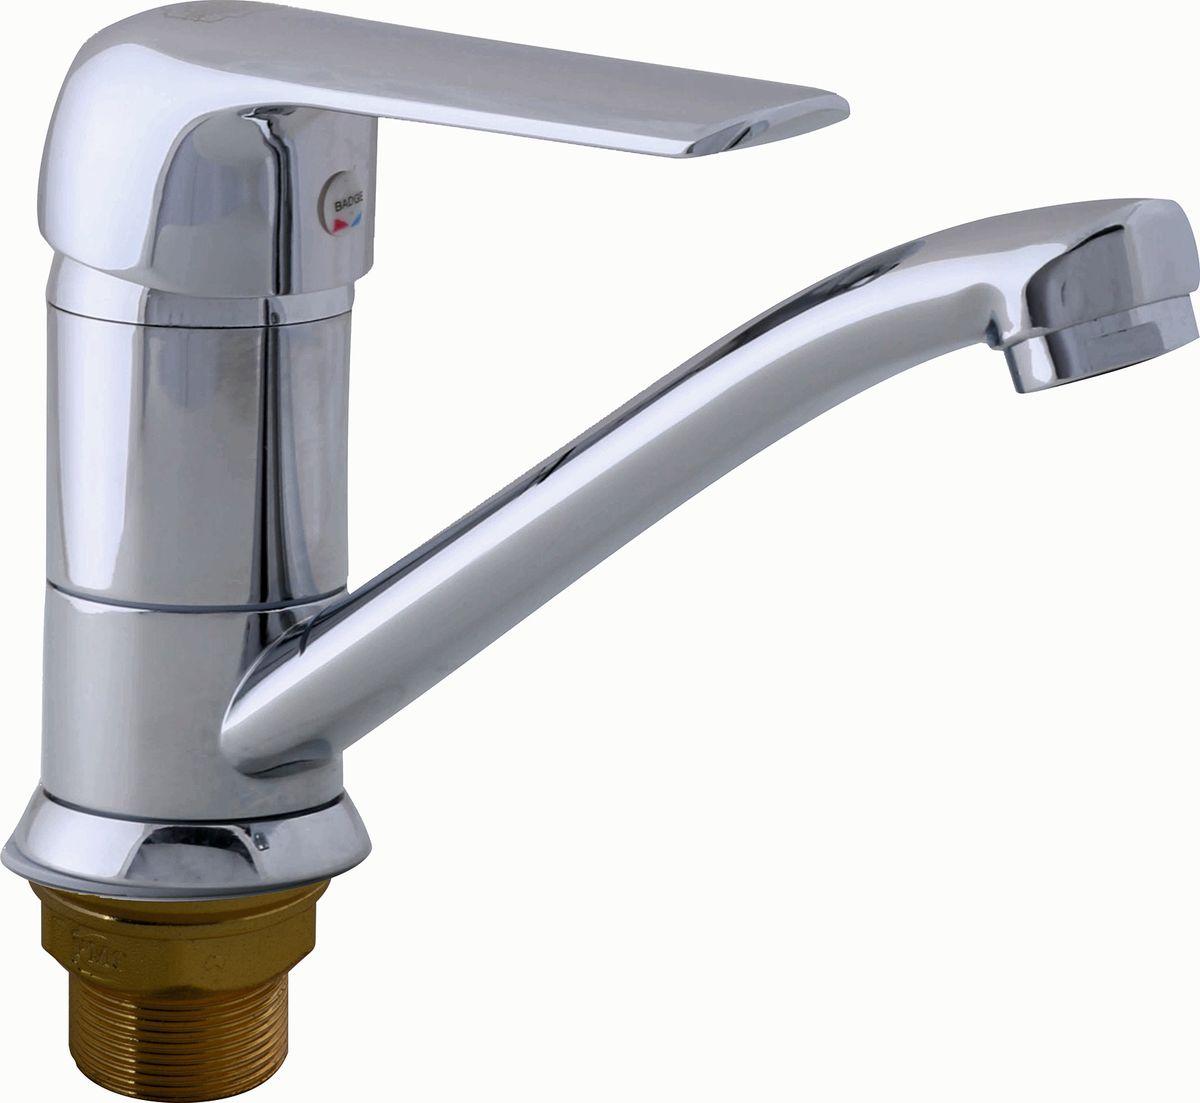 Смеситель для кухни РМС, с коротким поворотным изливом. SL84-004FBS-15. Цвет: хромSL84-004FBS-15Смеситель для кухни с коротким поворотным изливом. Картридж:керамический 35мм. Крепление:гайка. Аэратор:пластиковый. Покрытие:хром. В комплекте: гибкая подводка Особенности: - Крепление на гайке - Керамич.картридж 35мм - Аэратор пластиковый - Гибкая подводка